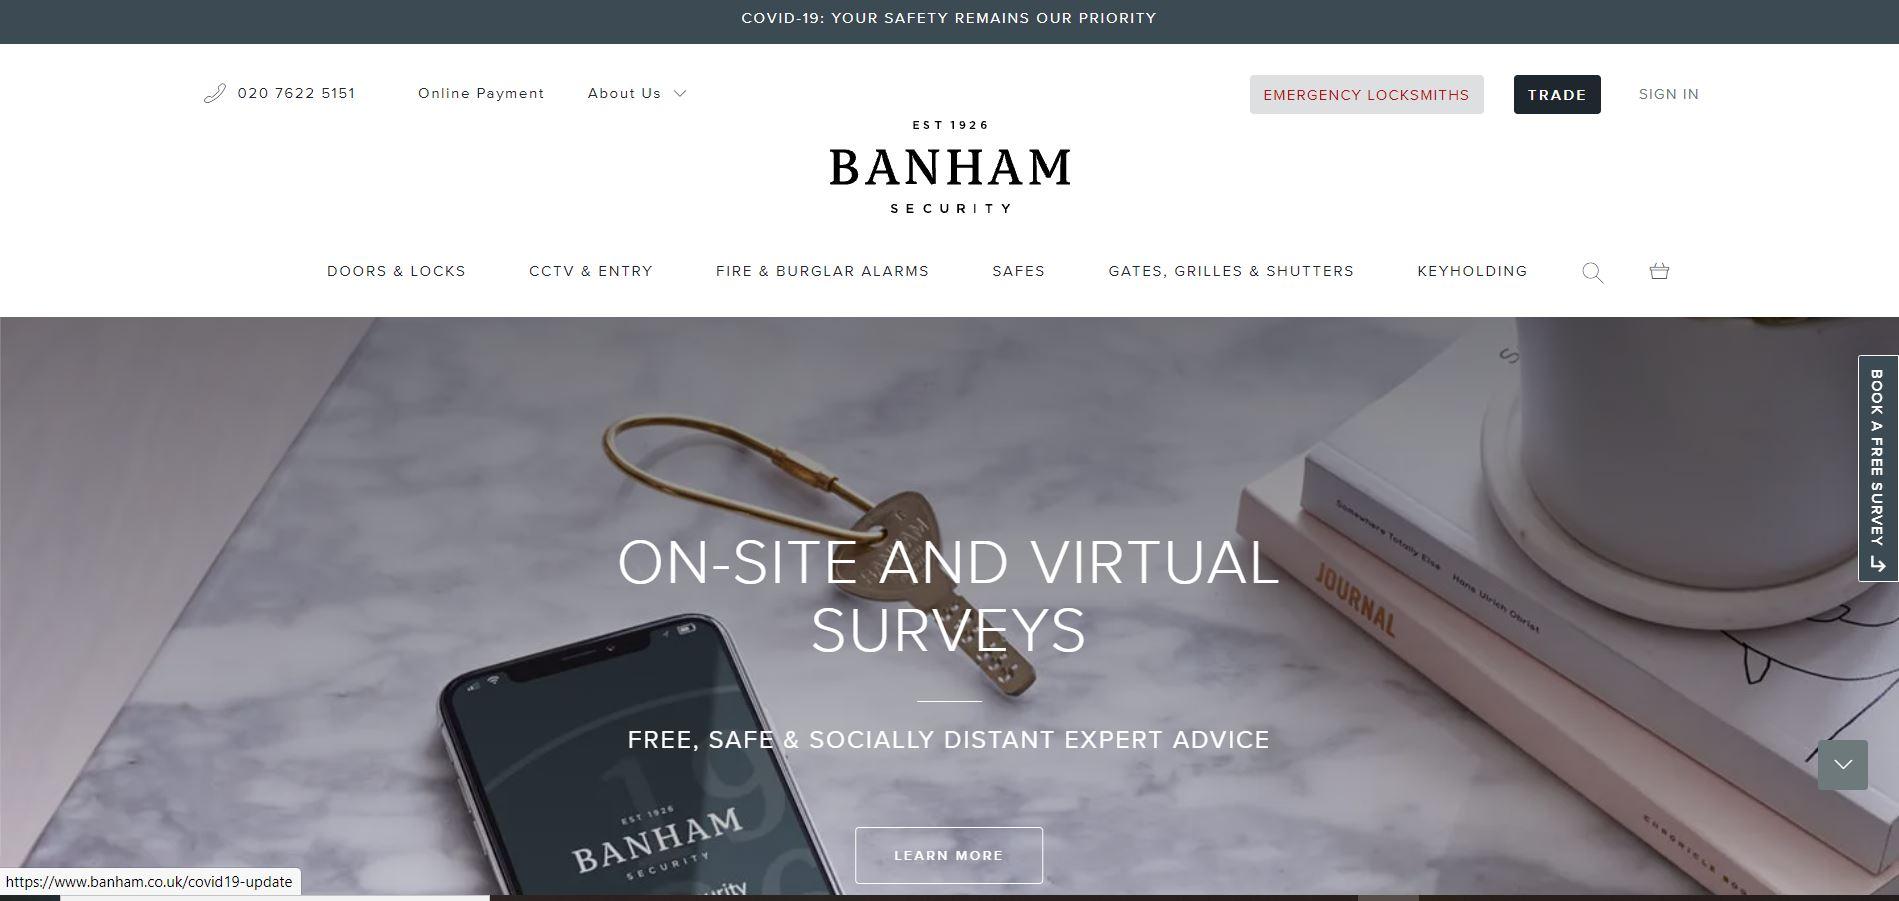 Banham security